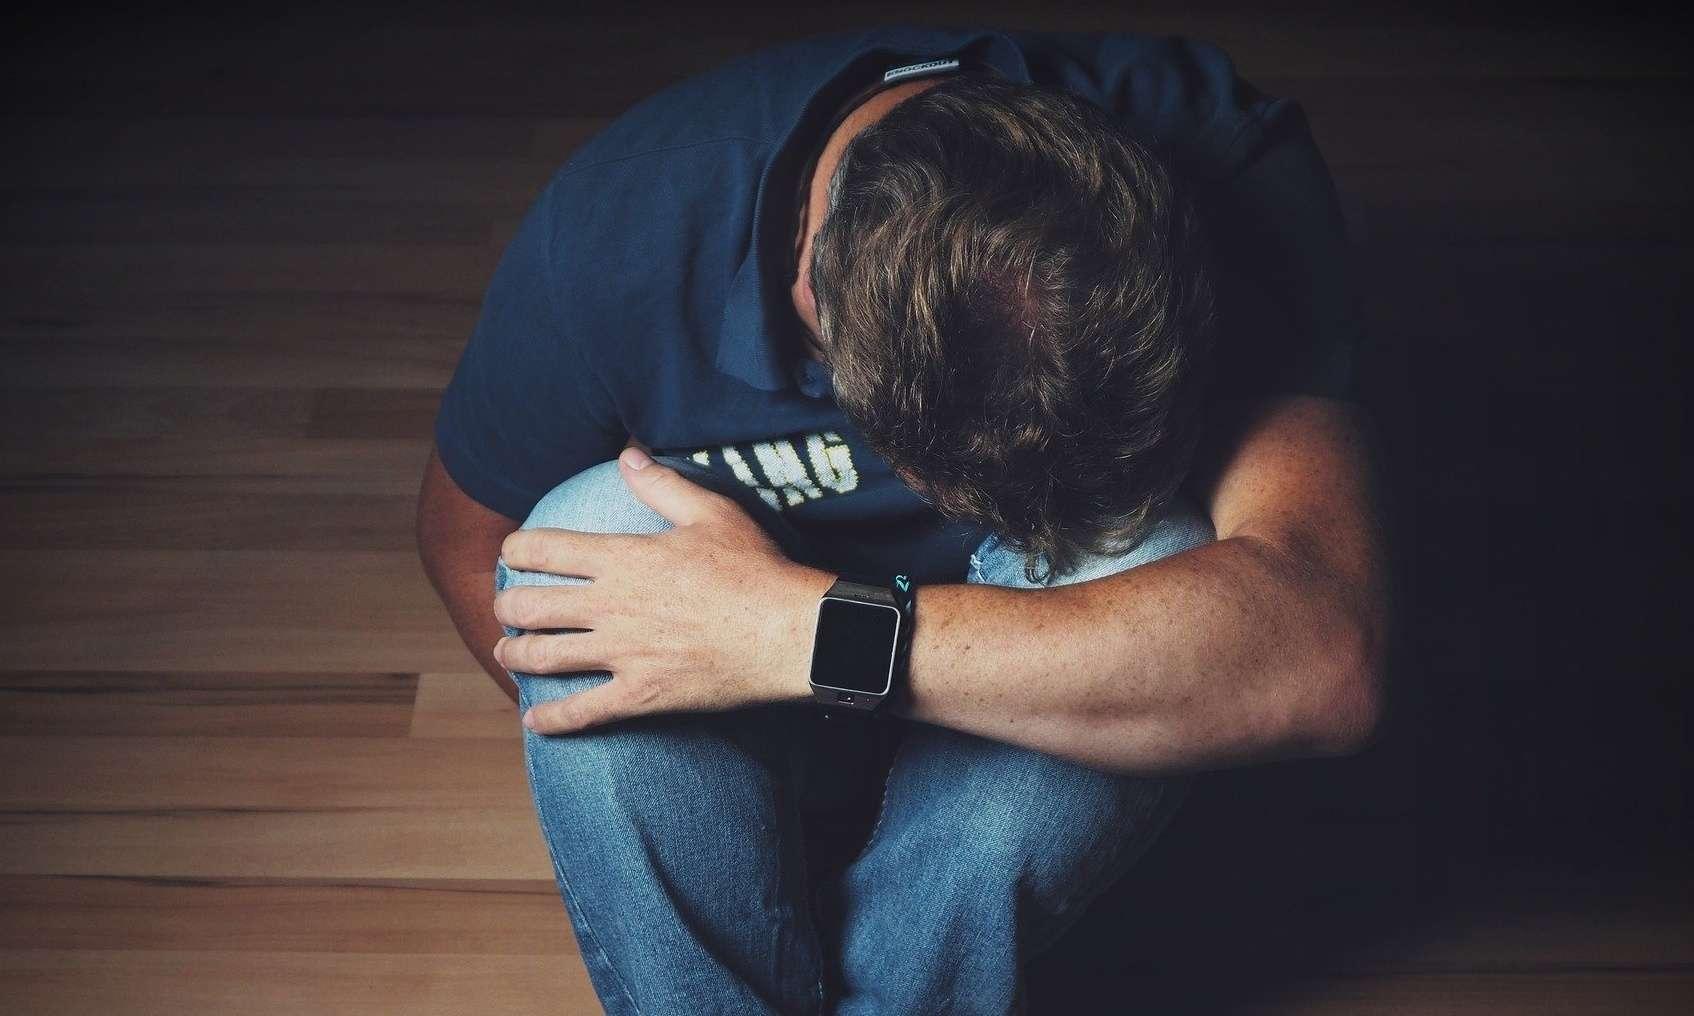 La mascolinità tossica è un problema che tutti gli uomini si possono ritrovare ad affrontare nel corso della propria vita